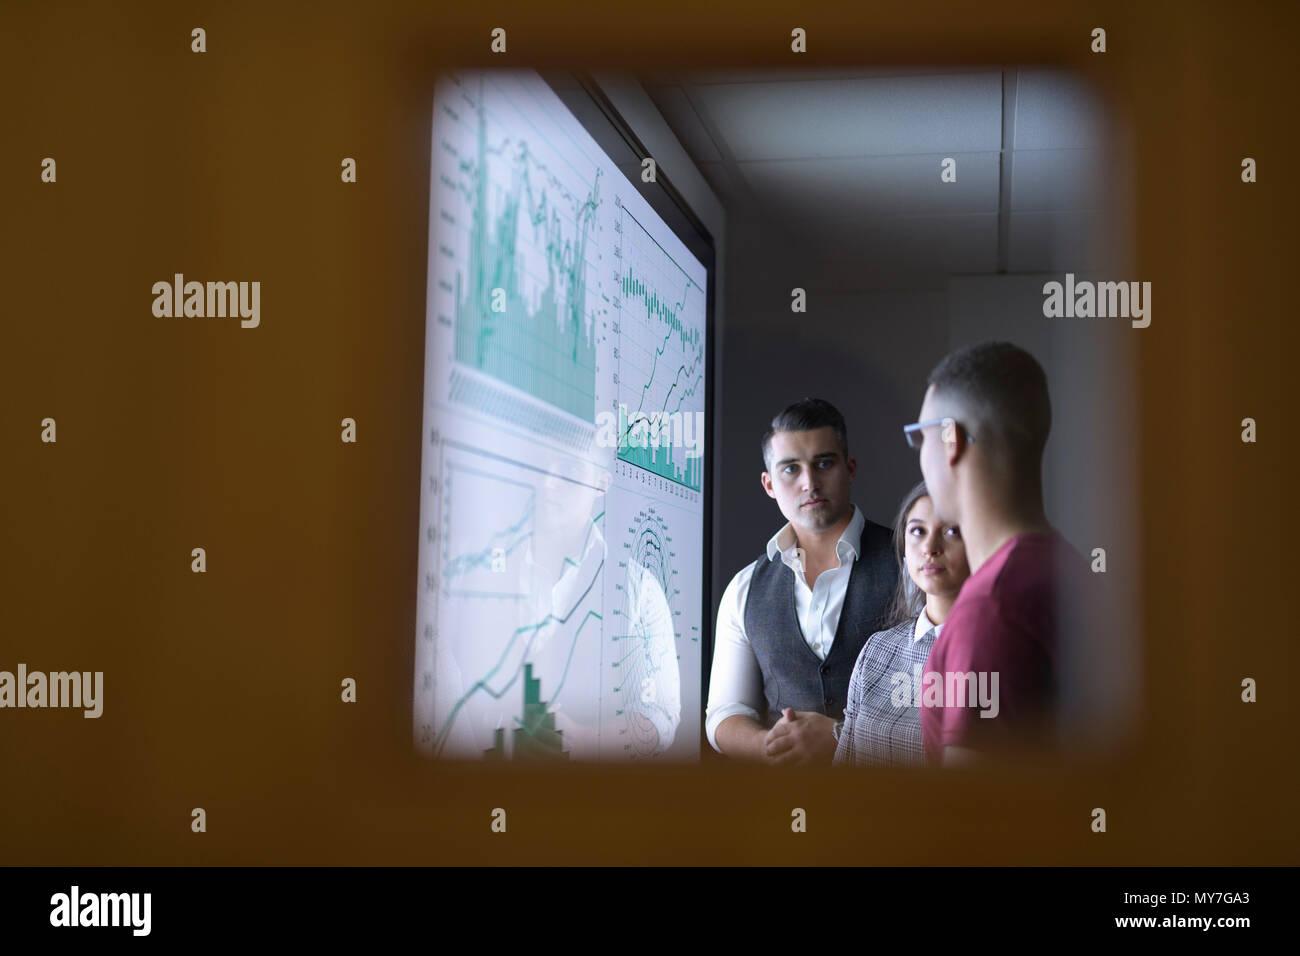 Réunion de l'équipe entreprises en vue à travers la porte de verre Photo Stock